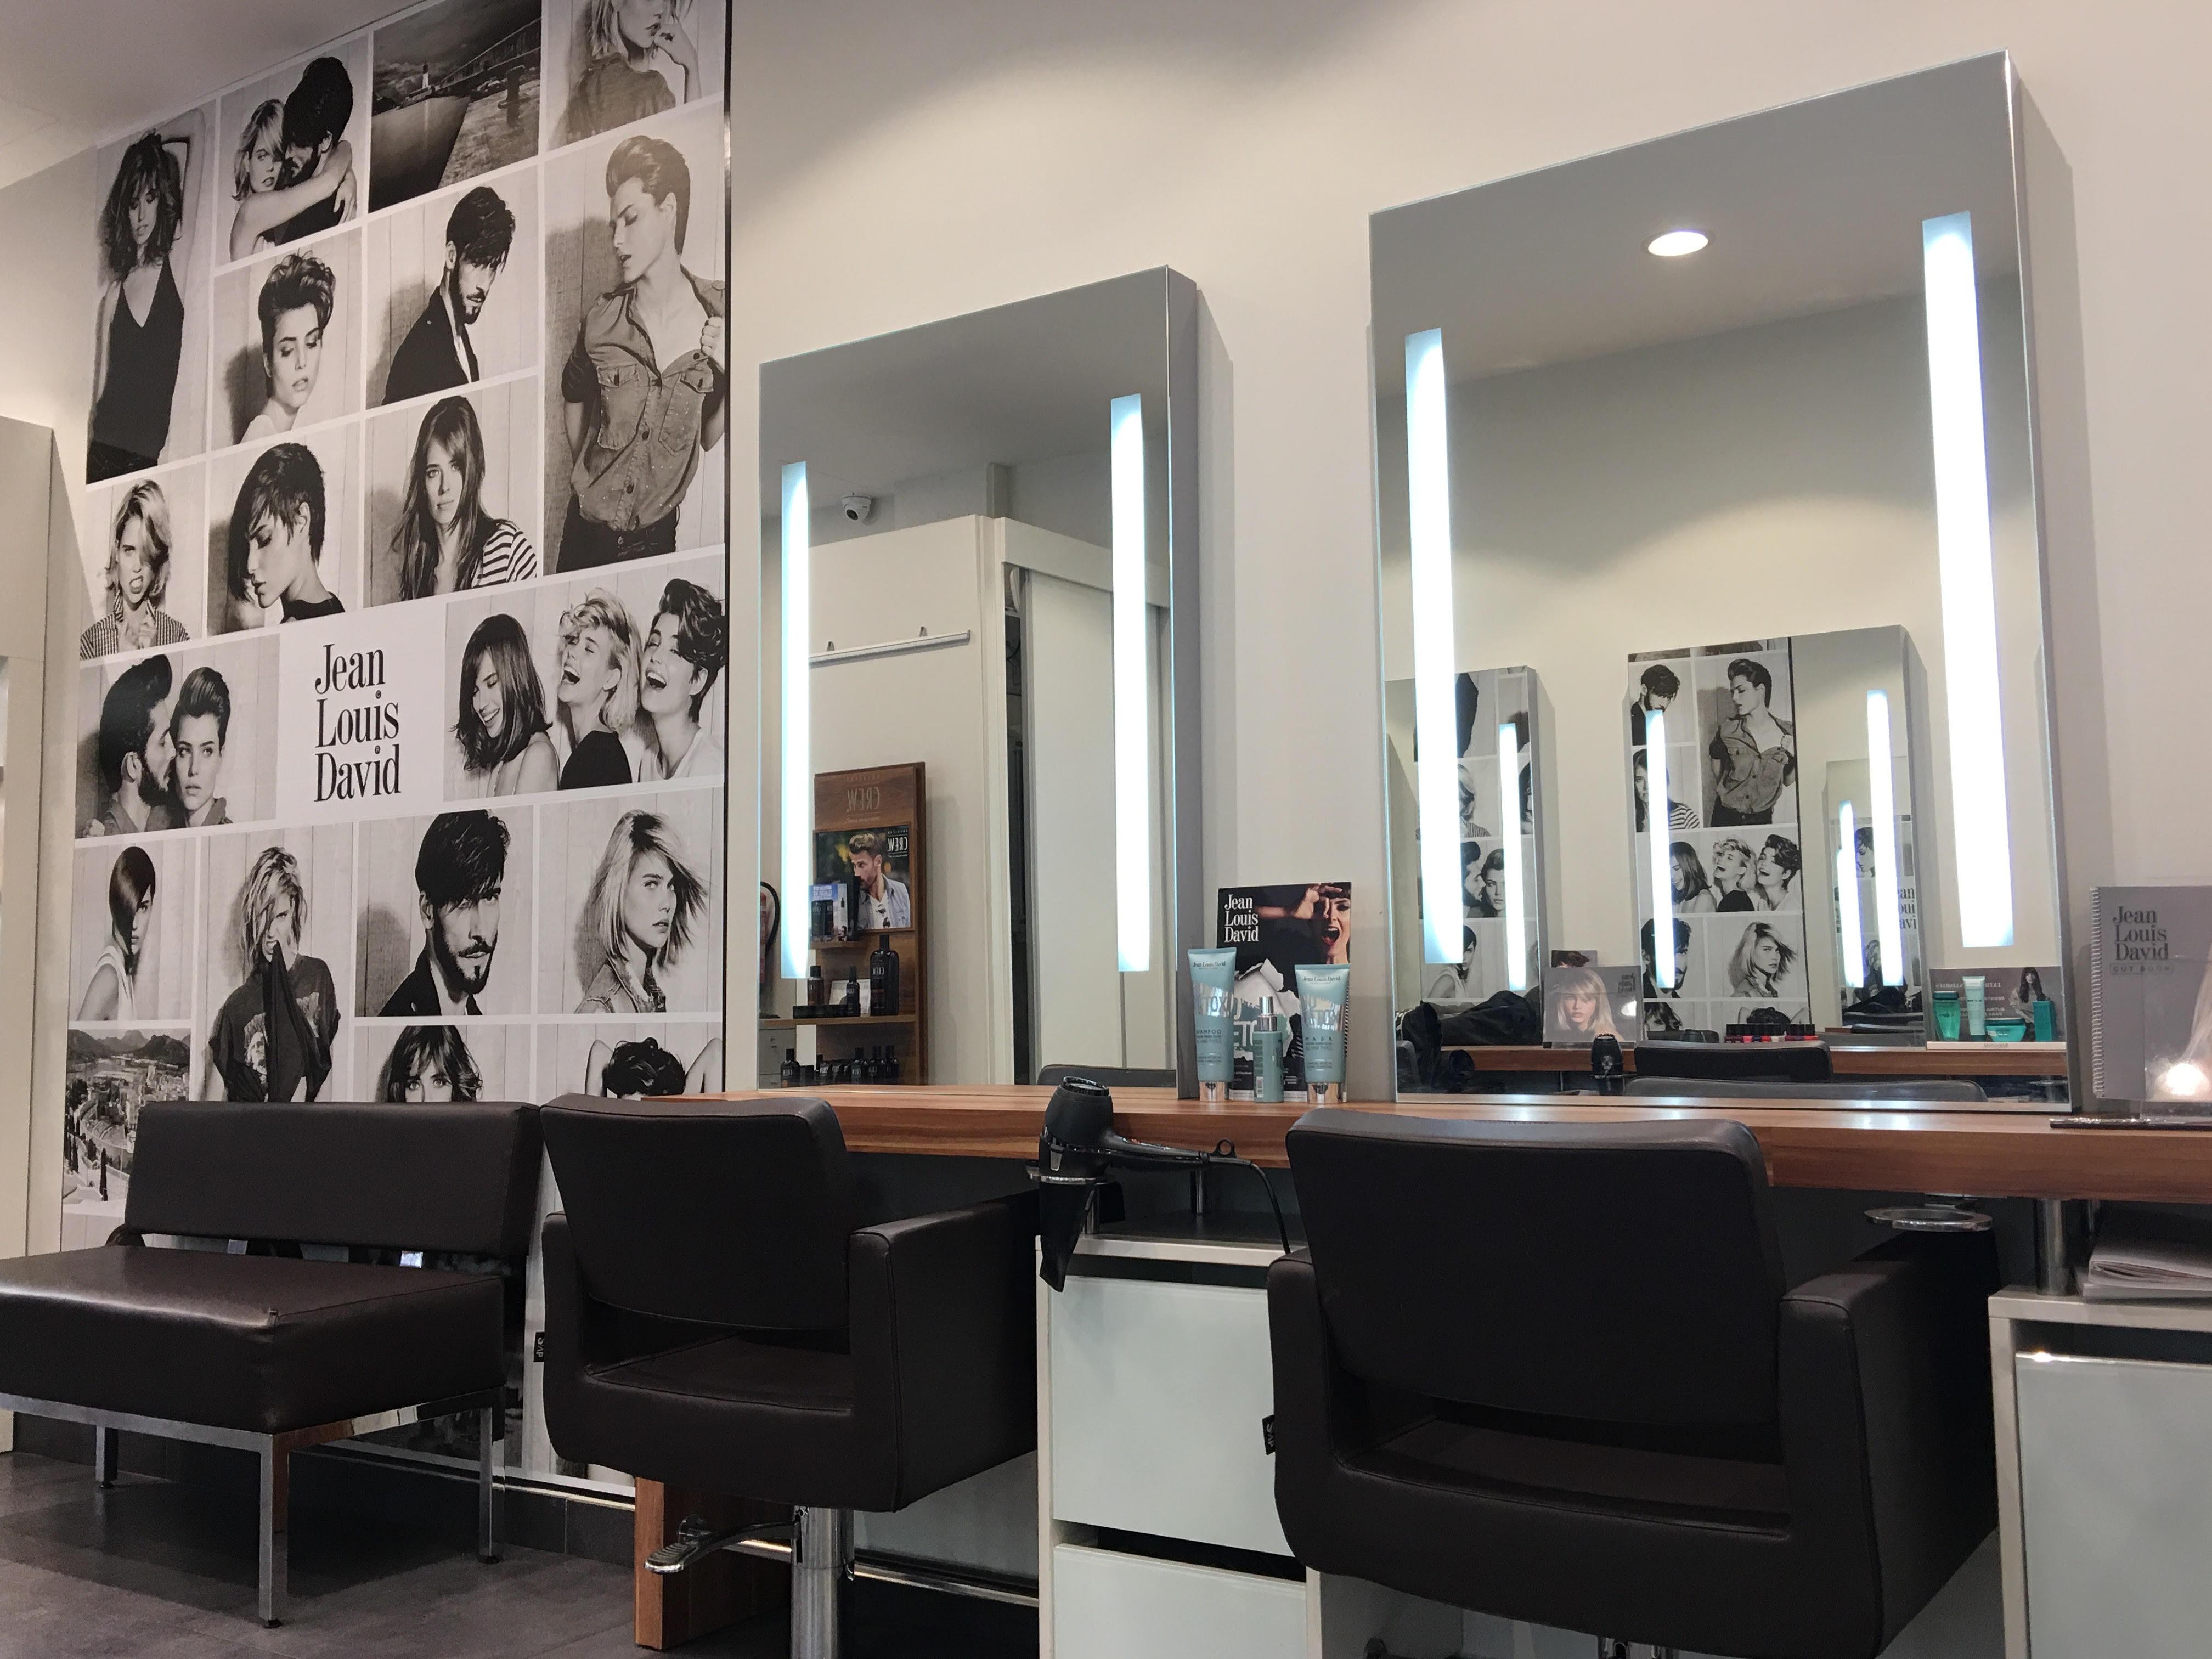 Salones de peluqueria C.C Ocio Espacio Mediterráneo